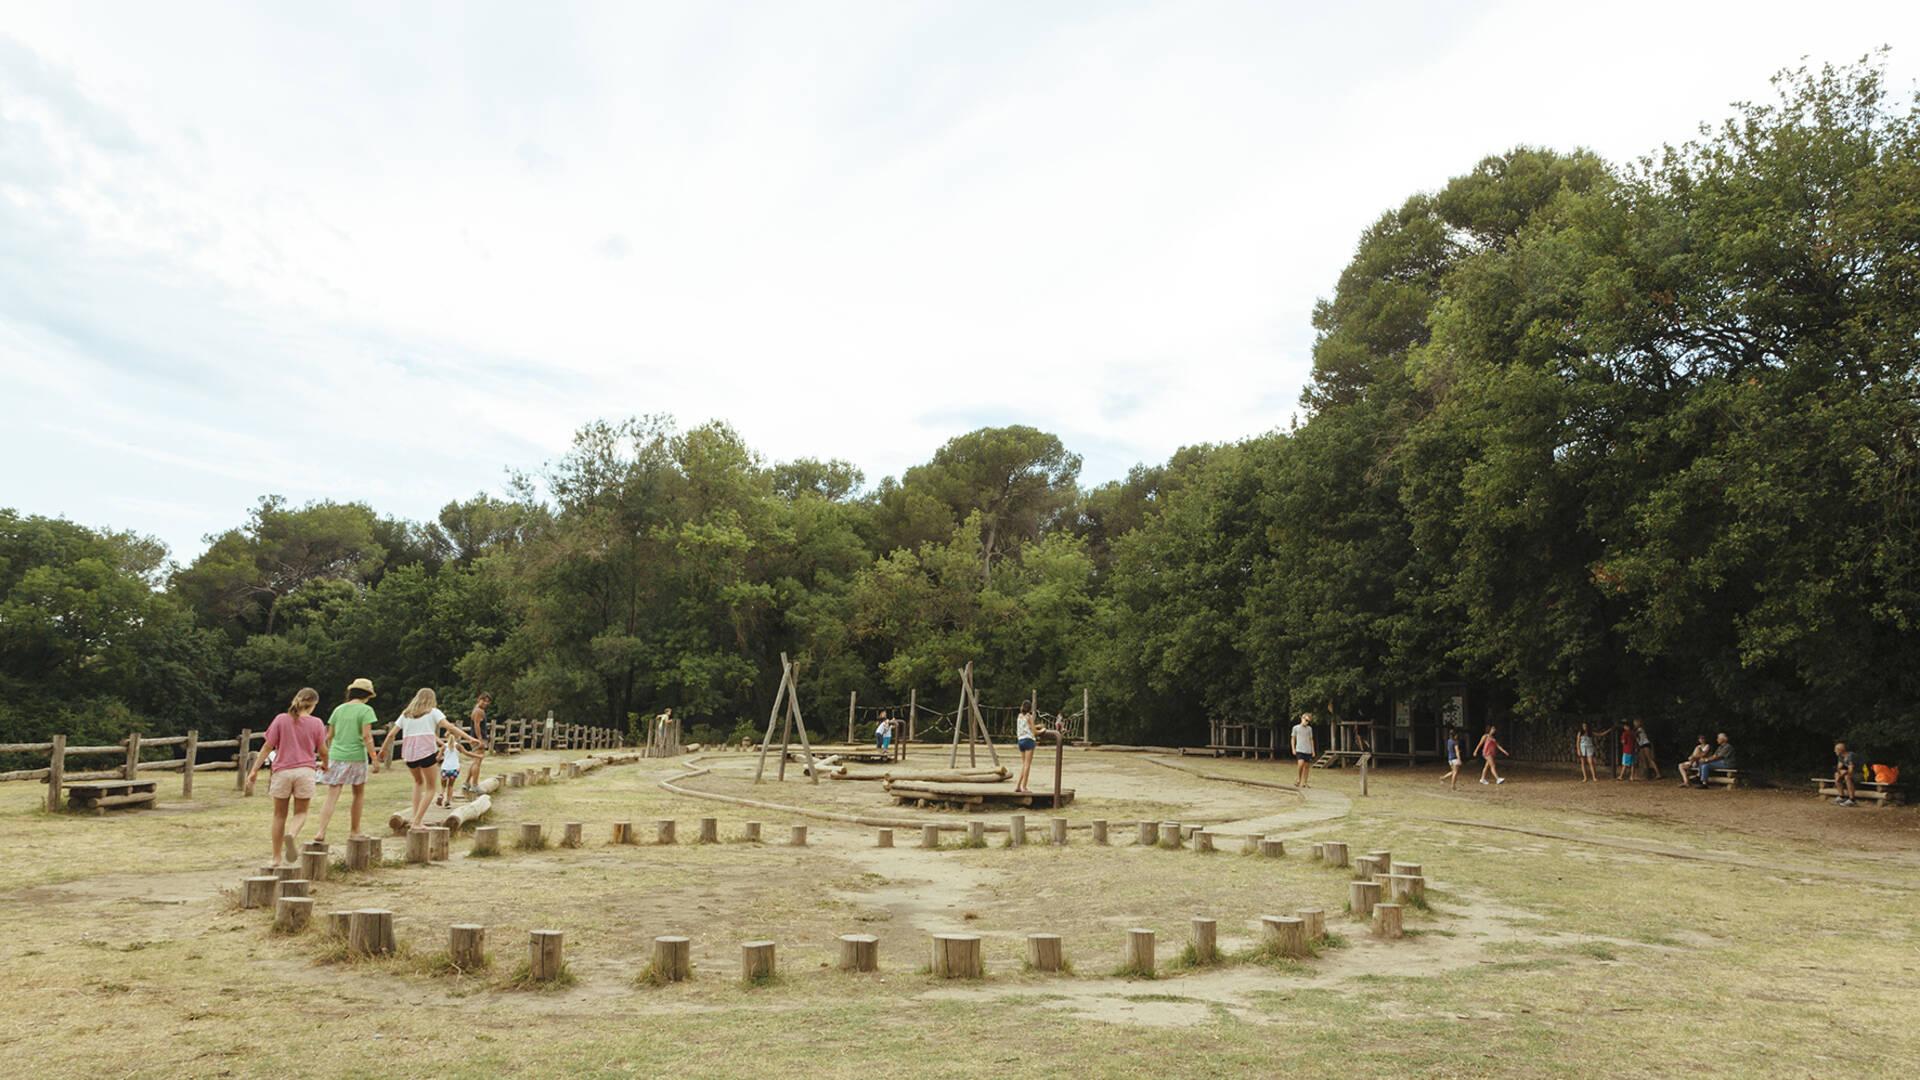 Parc de Vaugrenier ©Gilles Lefrancq